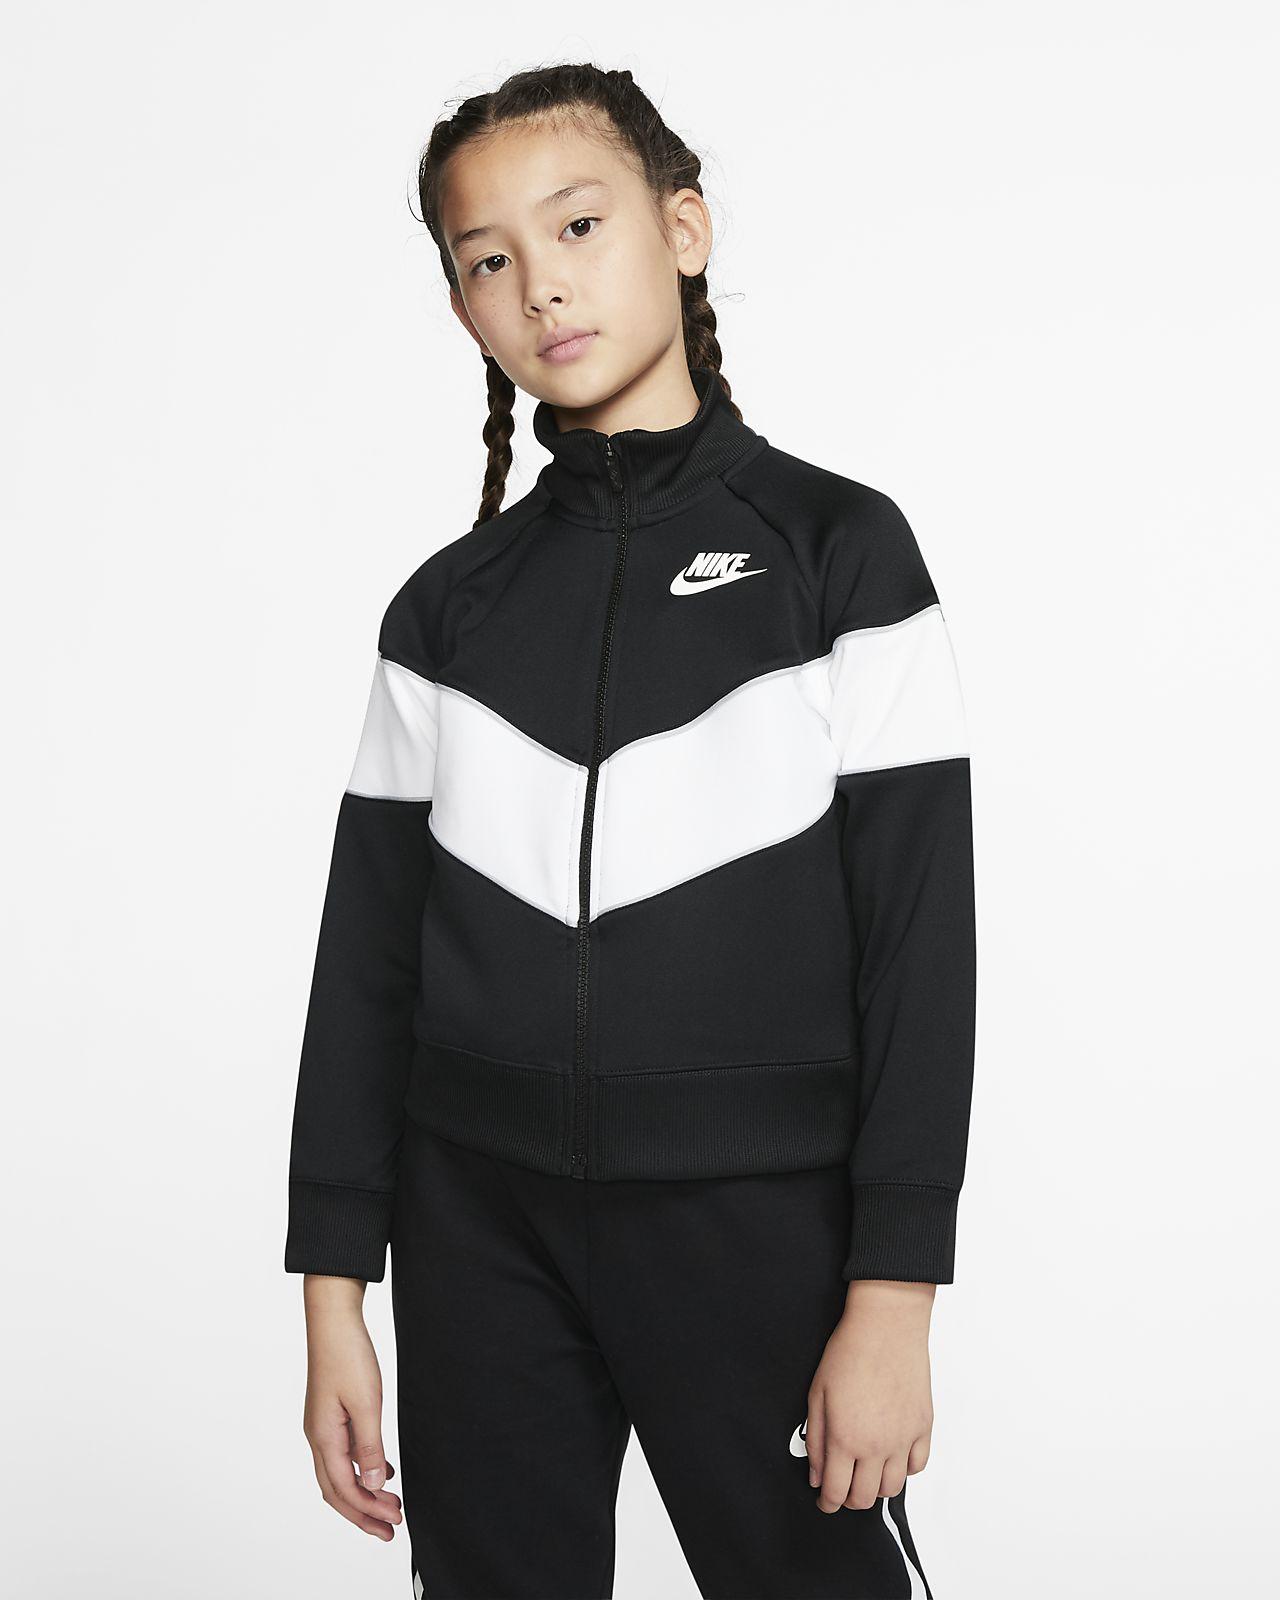 Mädchen Jacken & Westen. Nike LU